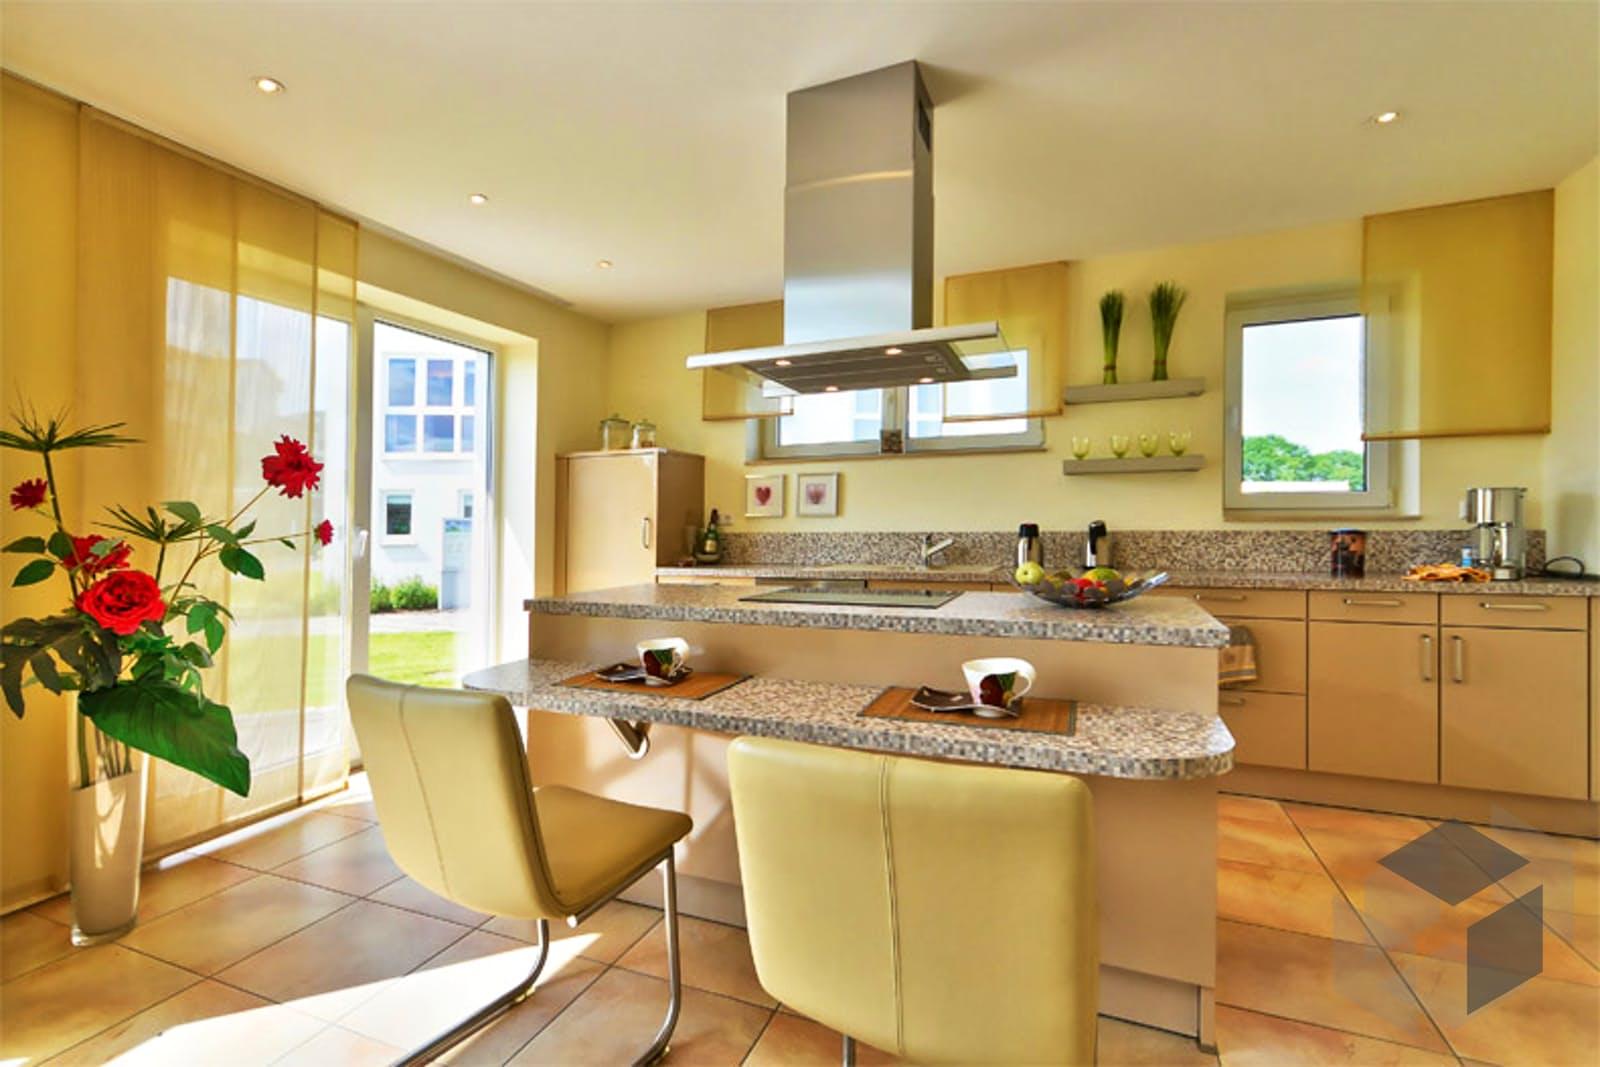 sonnenhaus inactive von helma eigenheimbau komplette daten bersicht. Black Bedroom Furniture Sets. Home Design Ideas